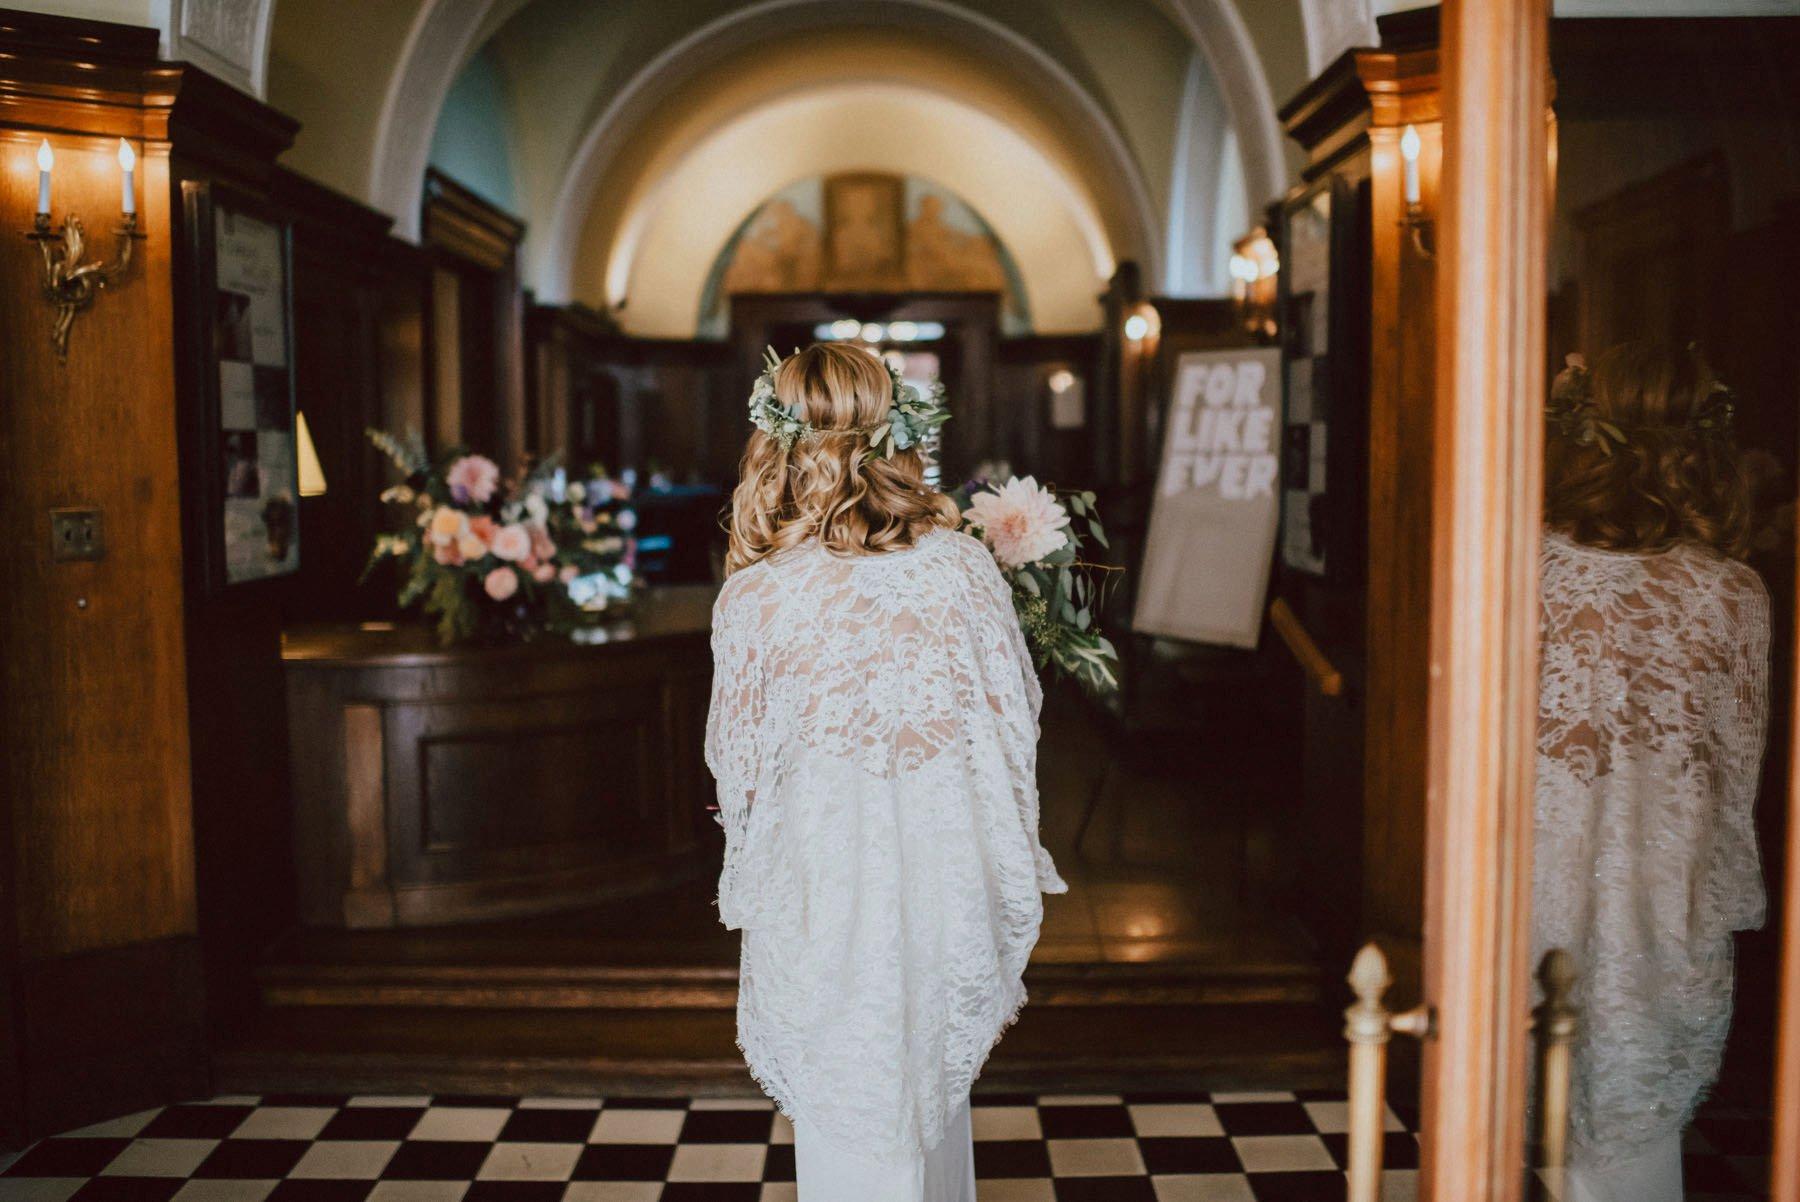 la-cheri-philadelphia-wedding-6.jpg